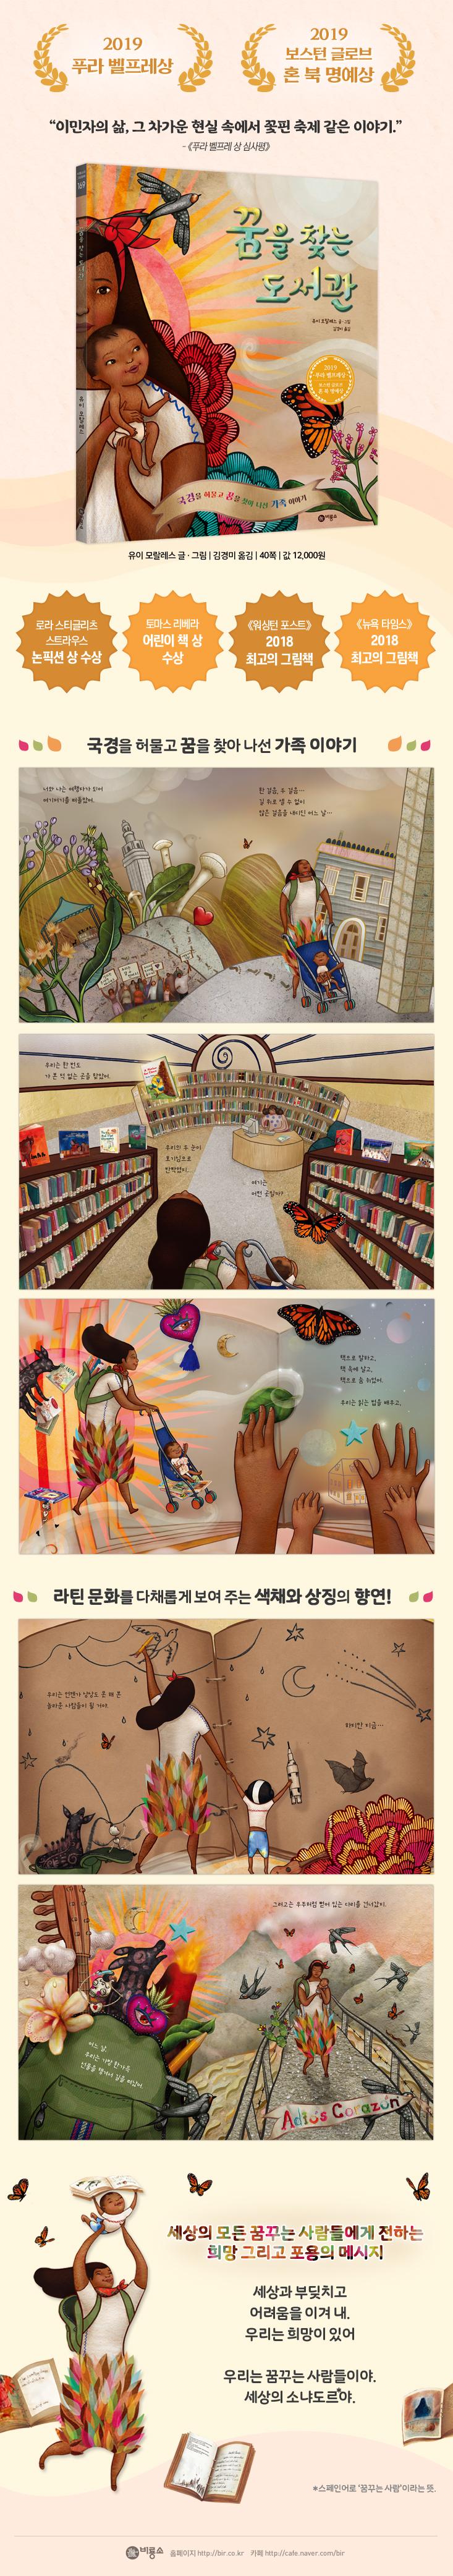 상세페이지_꿈을찾는도서관 (1)